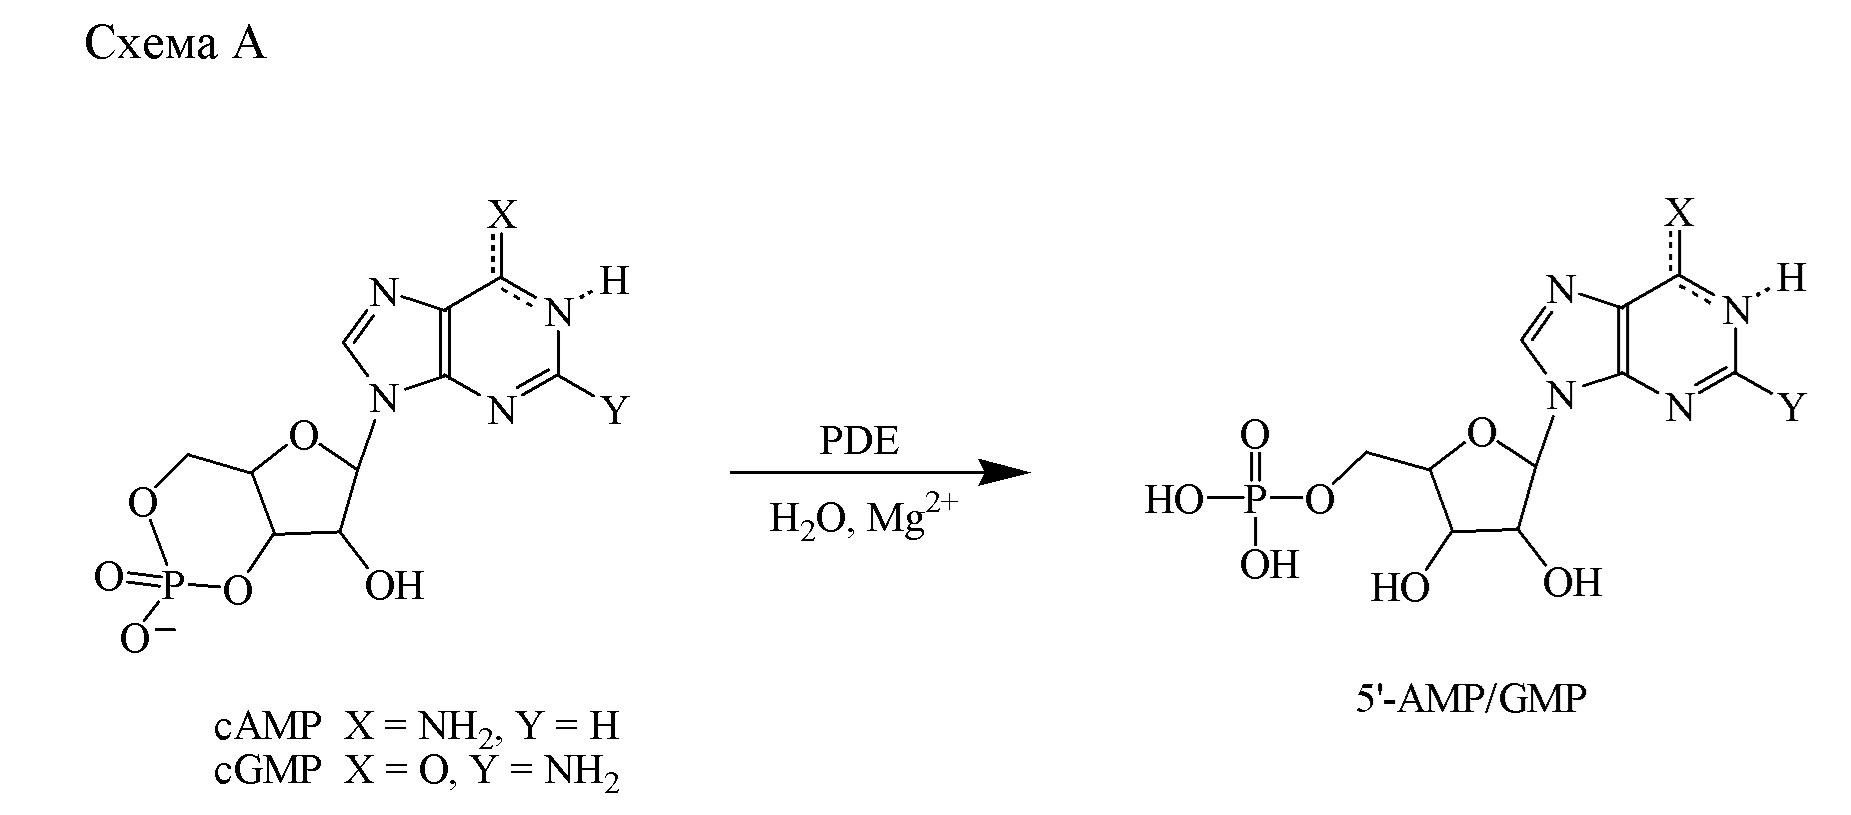 Комбинации, содержащие ингибиторы pde 2, такие как 1-арил-4-метил-[1,2,4]триазоло[4,3-а]хиноксалиновые соединения, и ингибиторы pde 10, для применения в лечении неврологических или метаболических расстройств